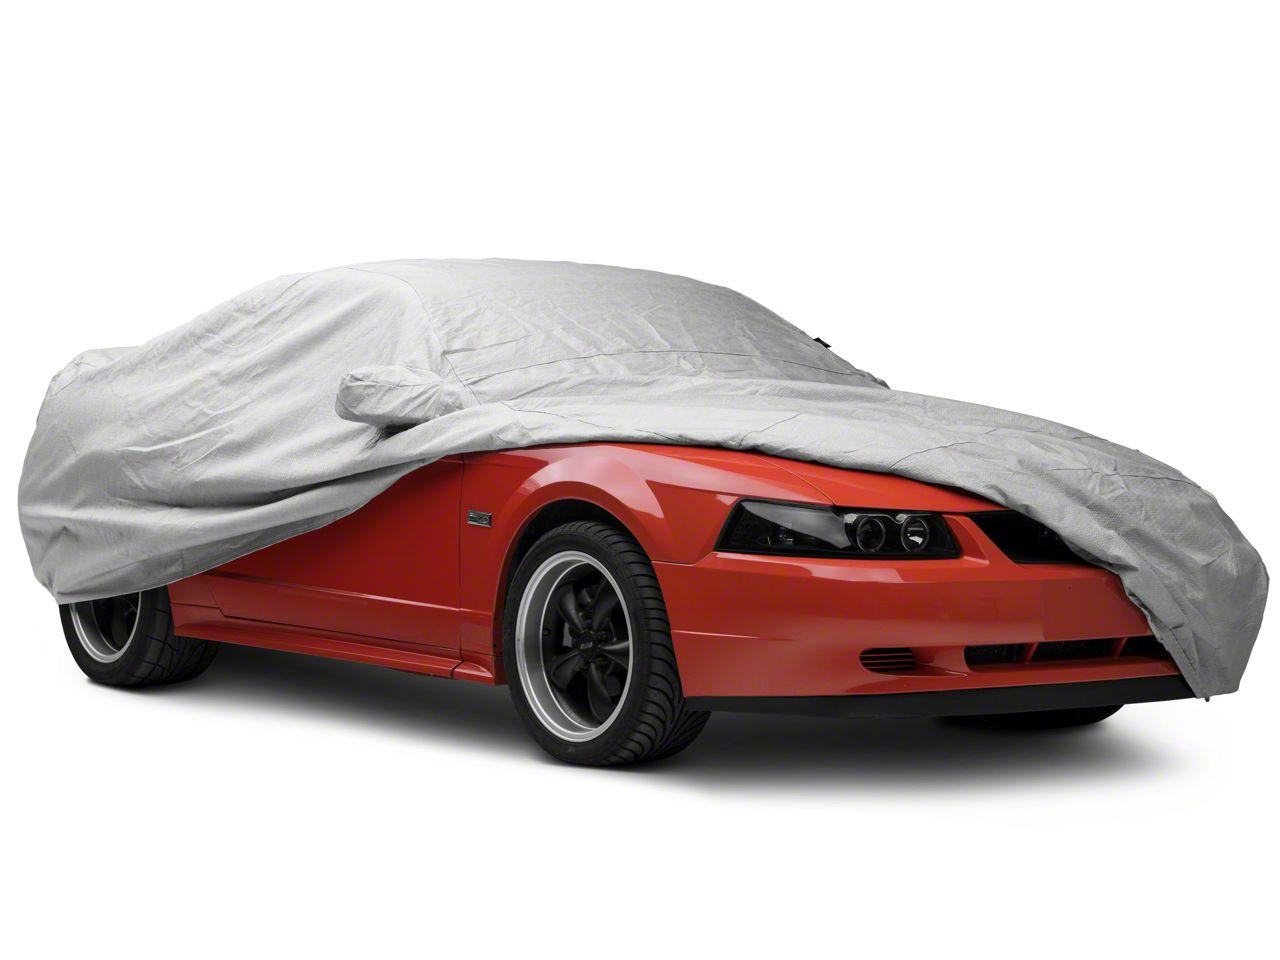 Covercraft Premium Noah Custom-Fit Car Cover - Gray (99-04 All)